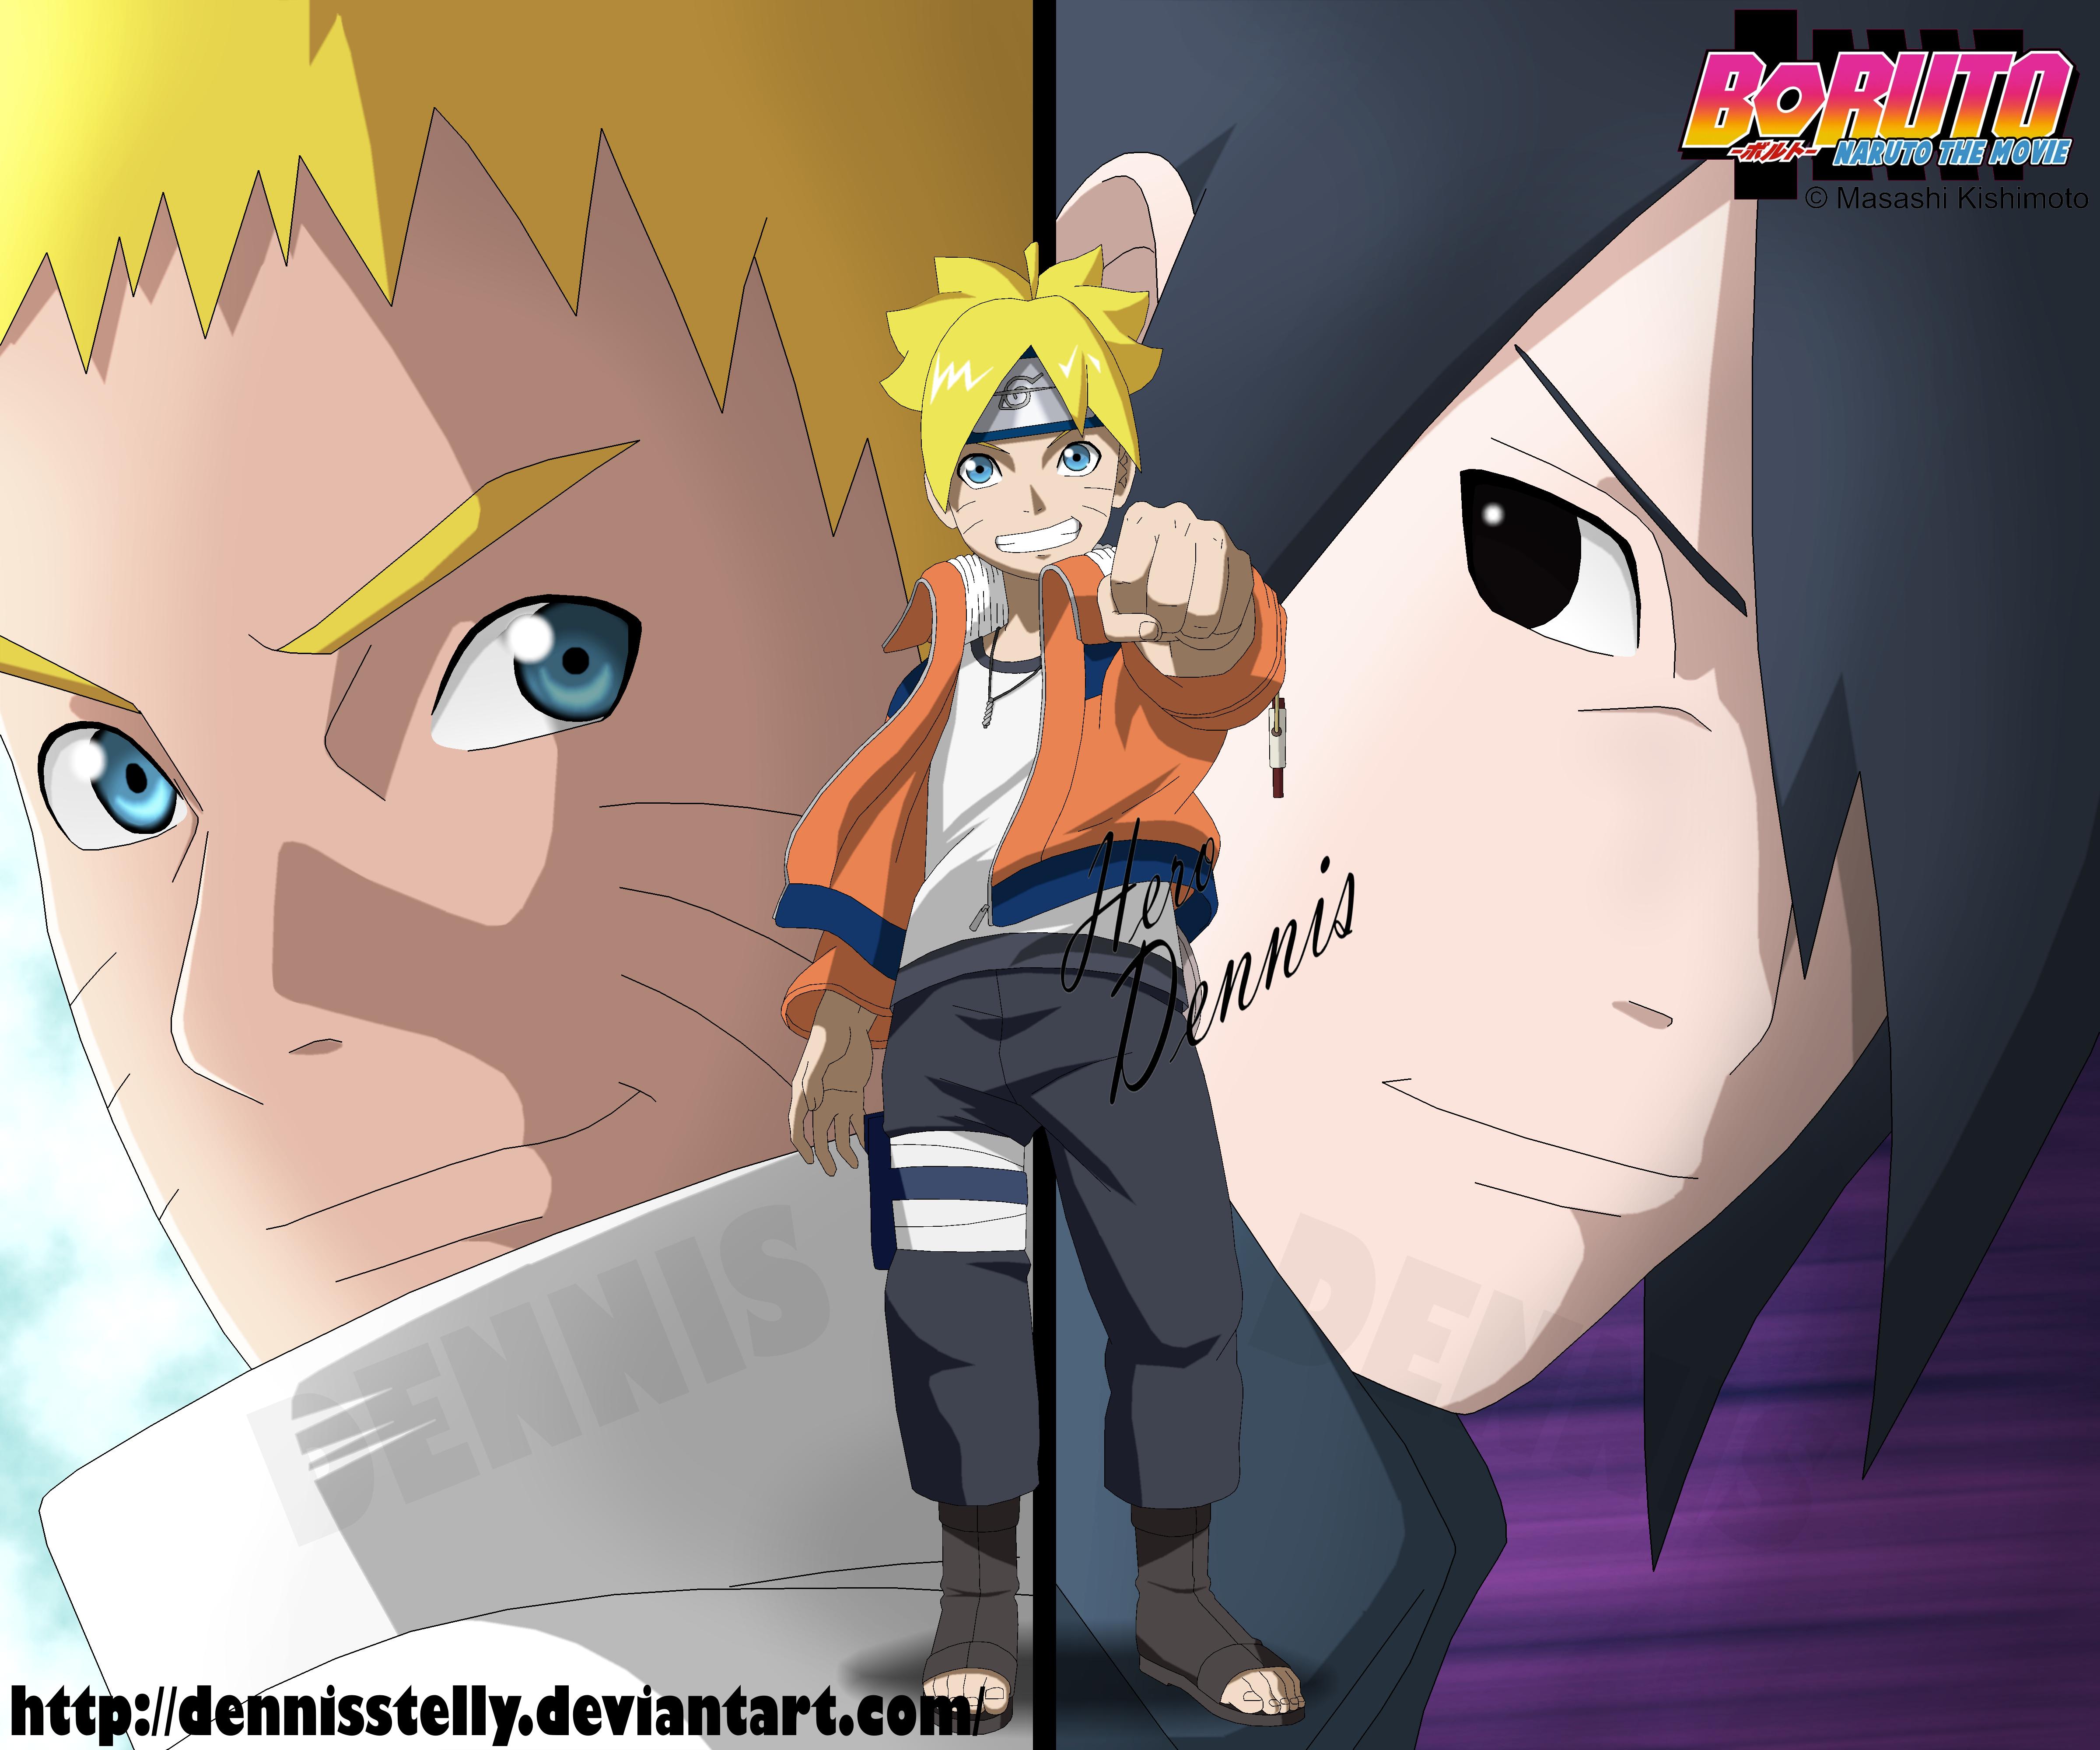 Boruto Naruto: Boruto Naruto The Movie Wallpaper